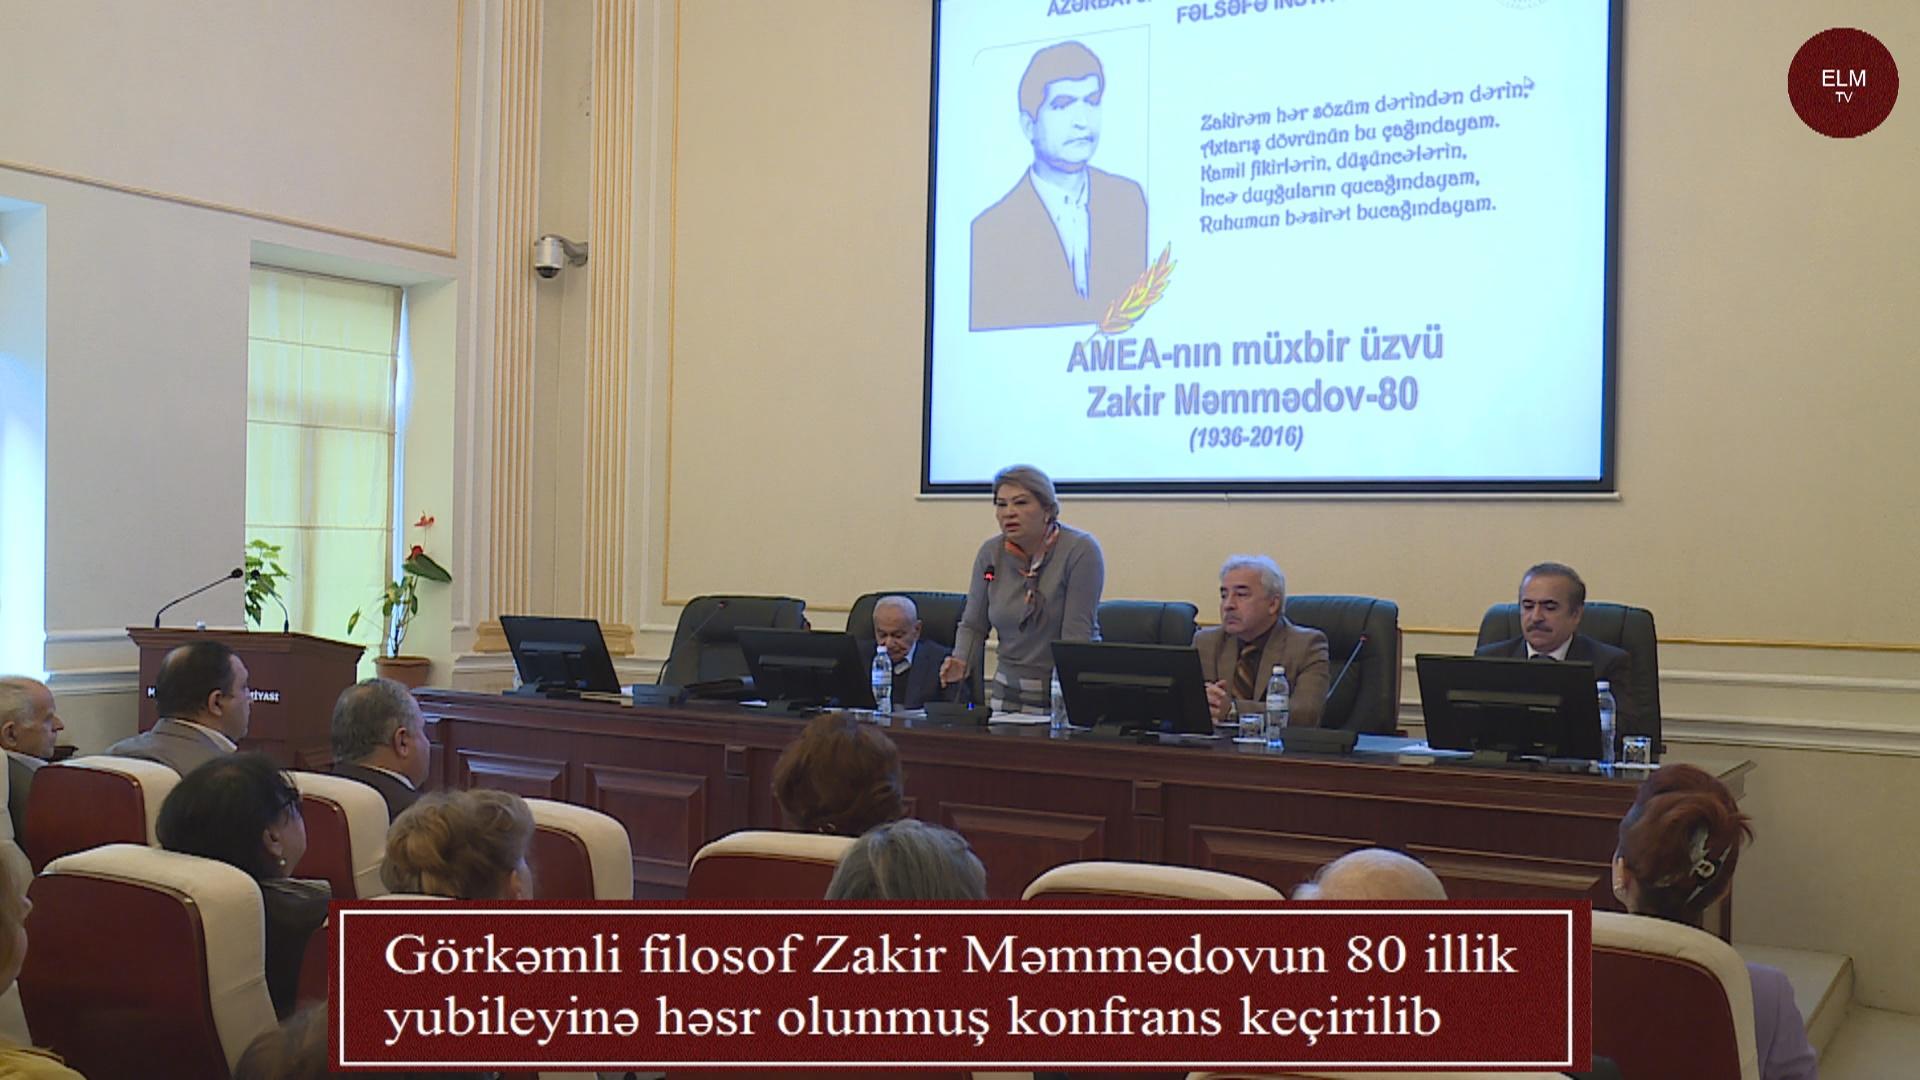 Görkəmli filosof Zakir Məmmədovun 80 illik yubileyinə həsr olunmuş konfrans keçirilib